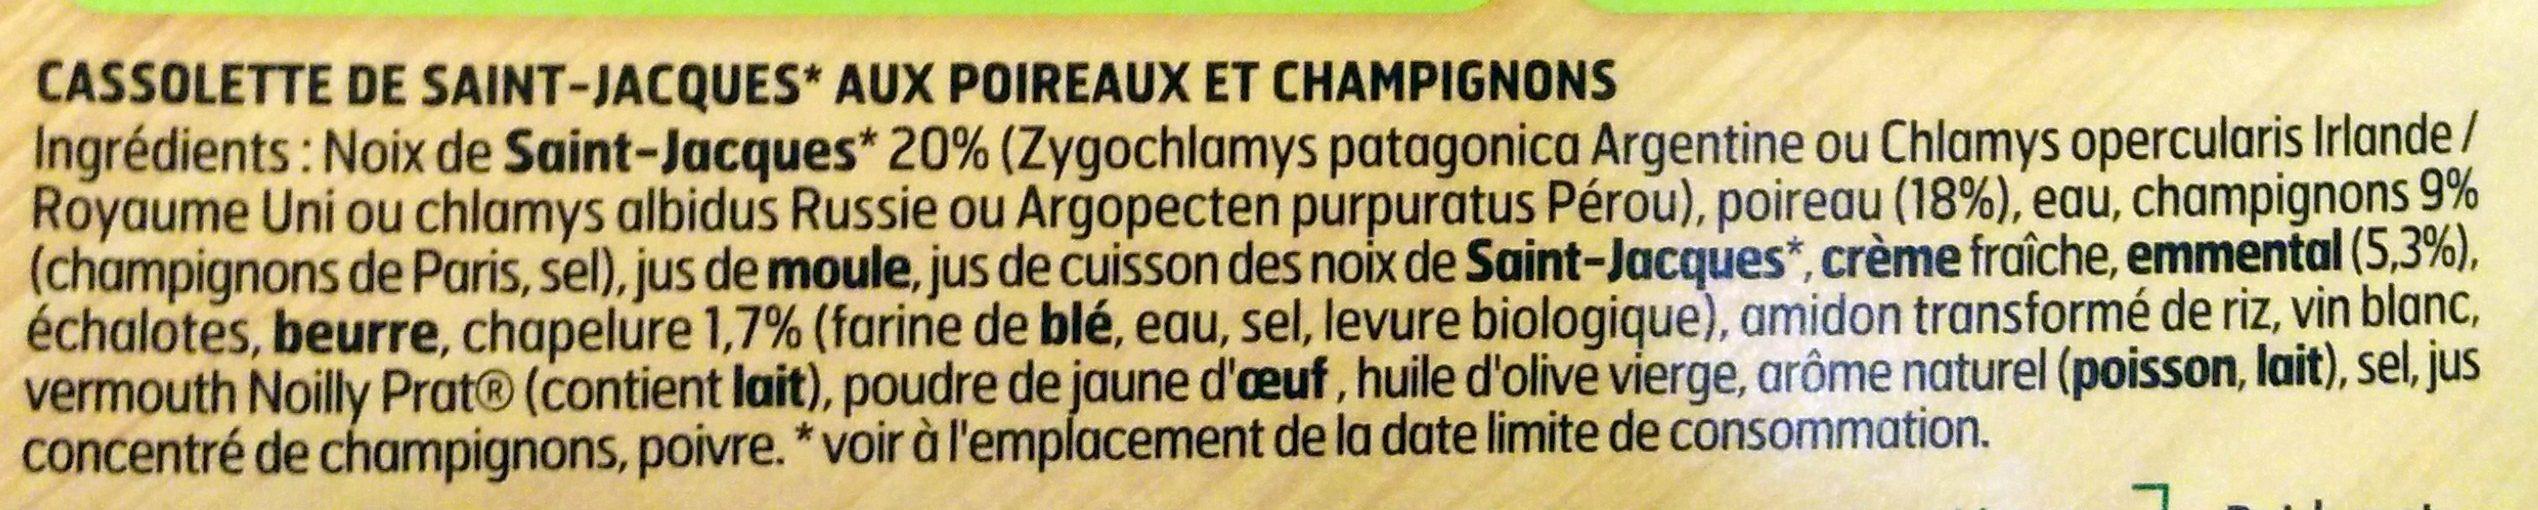 Cassolette St-Jacques* poireaux et champignons - Ingredientes